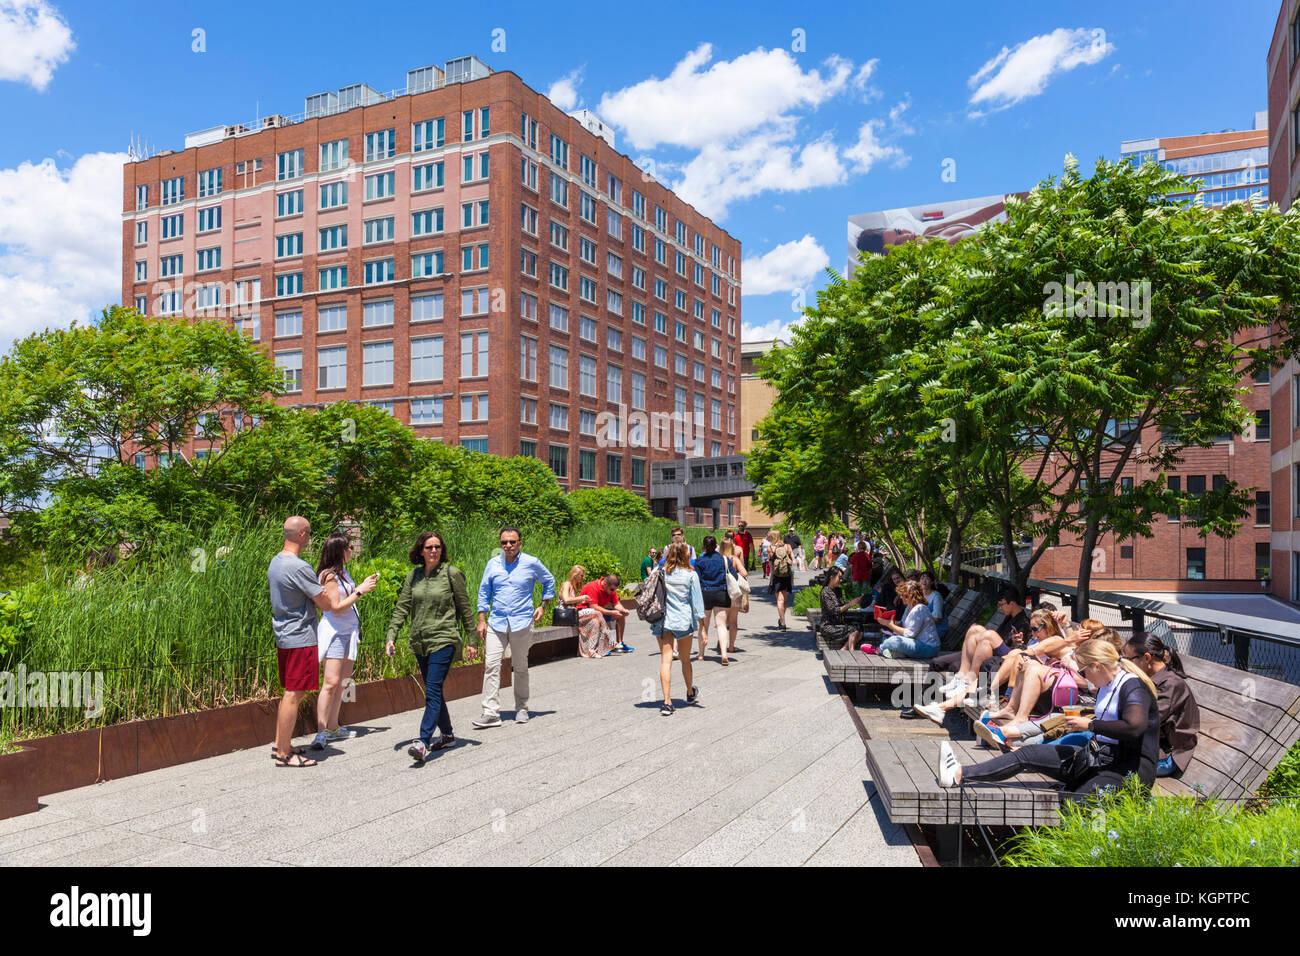 New York usa new york le new york high line park urbain formé à partir d'une ligne de chemin de fer Photo Stock